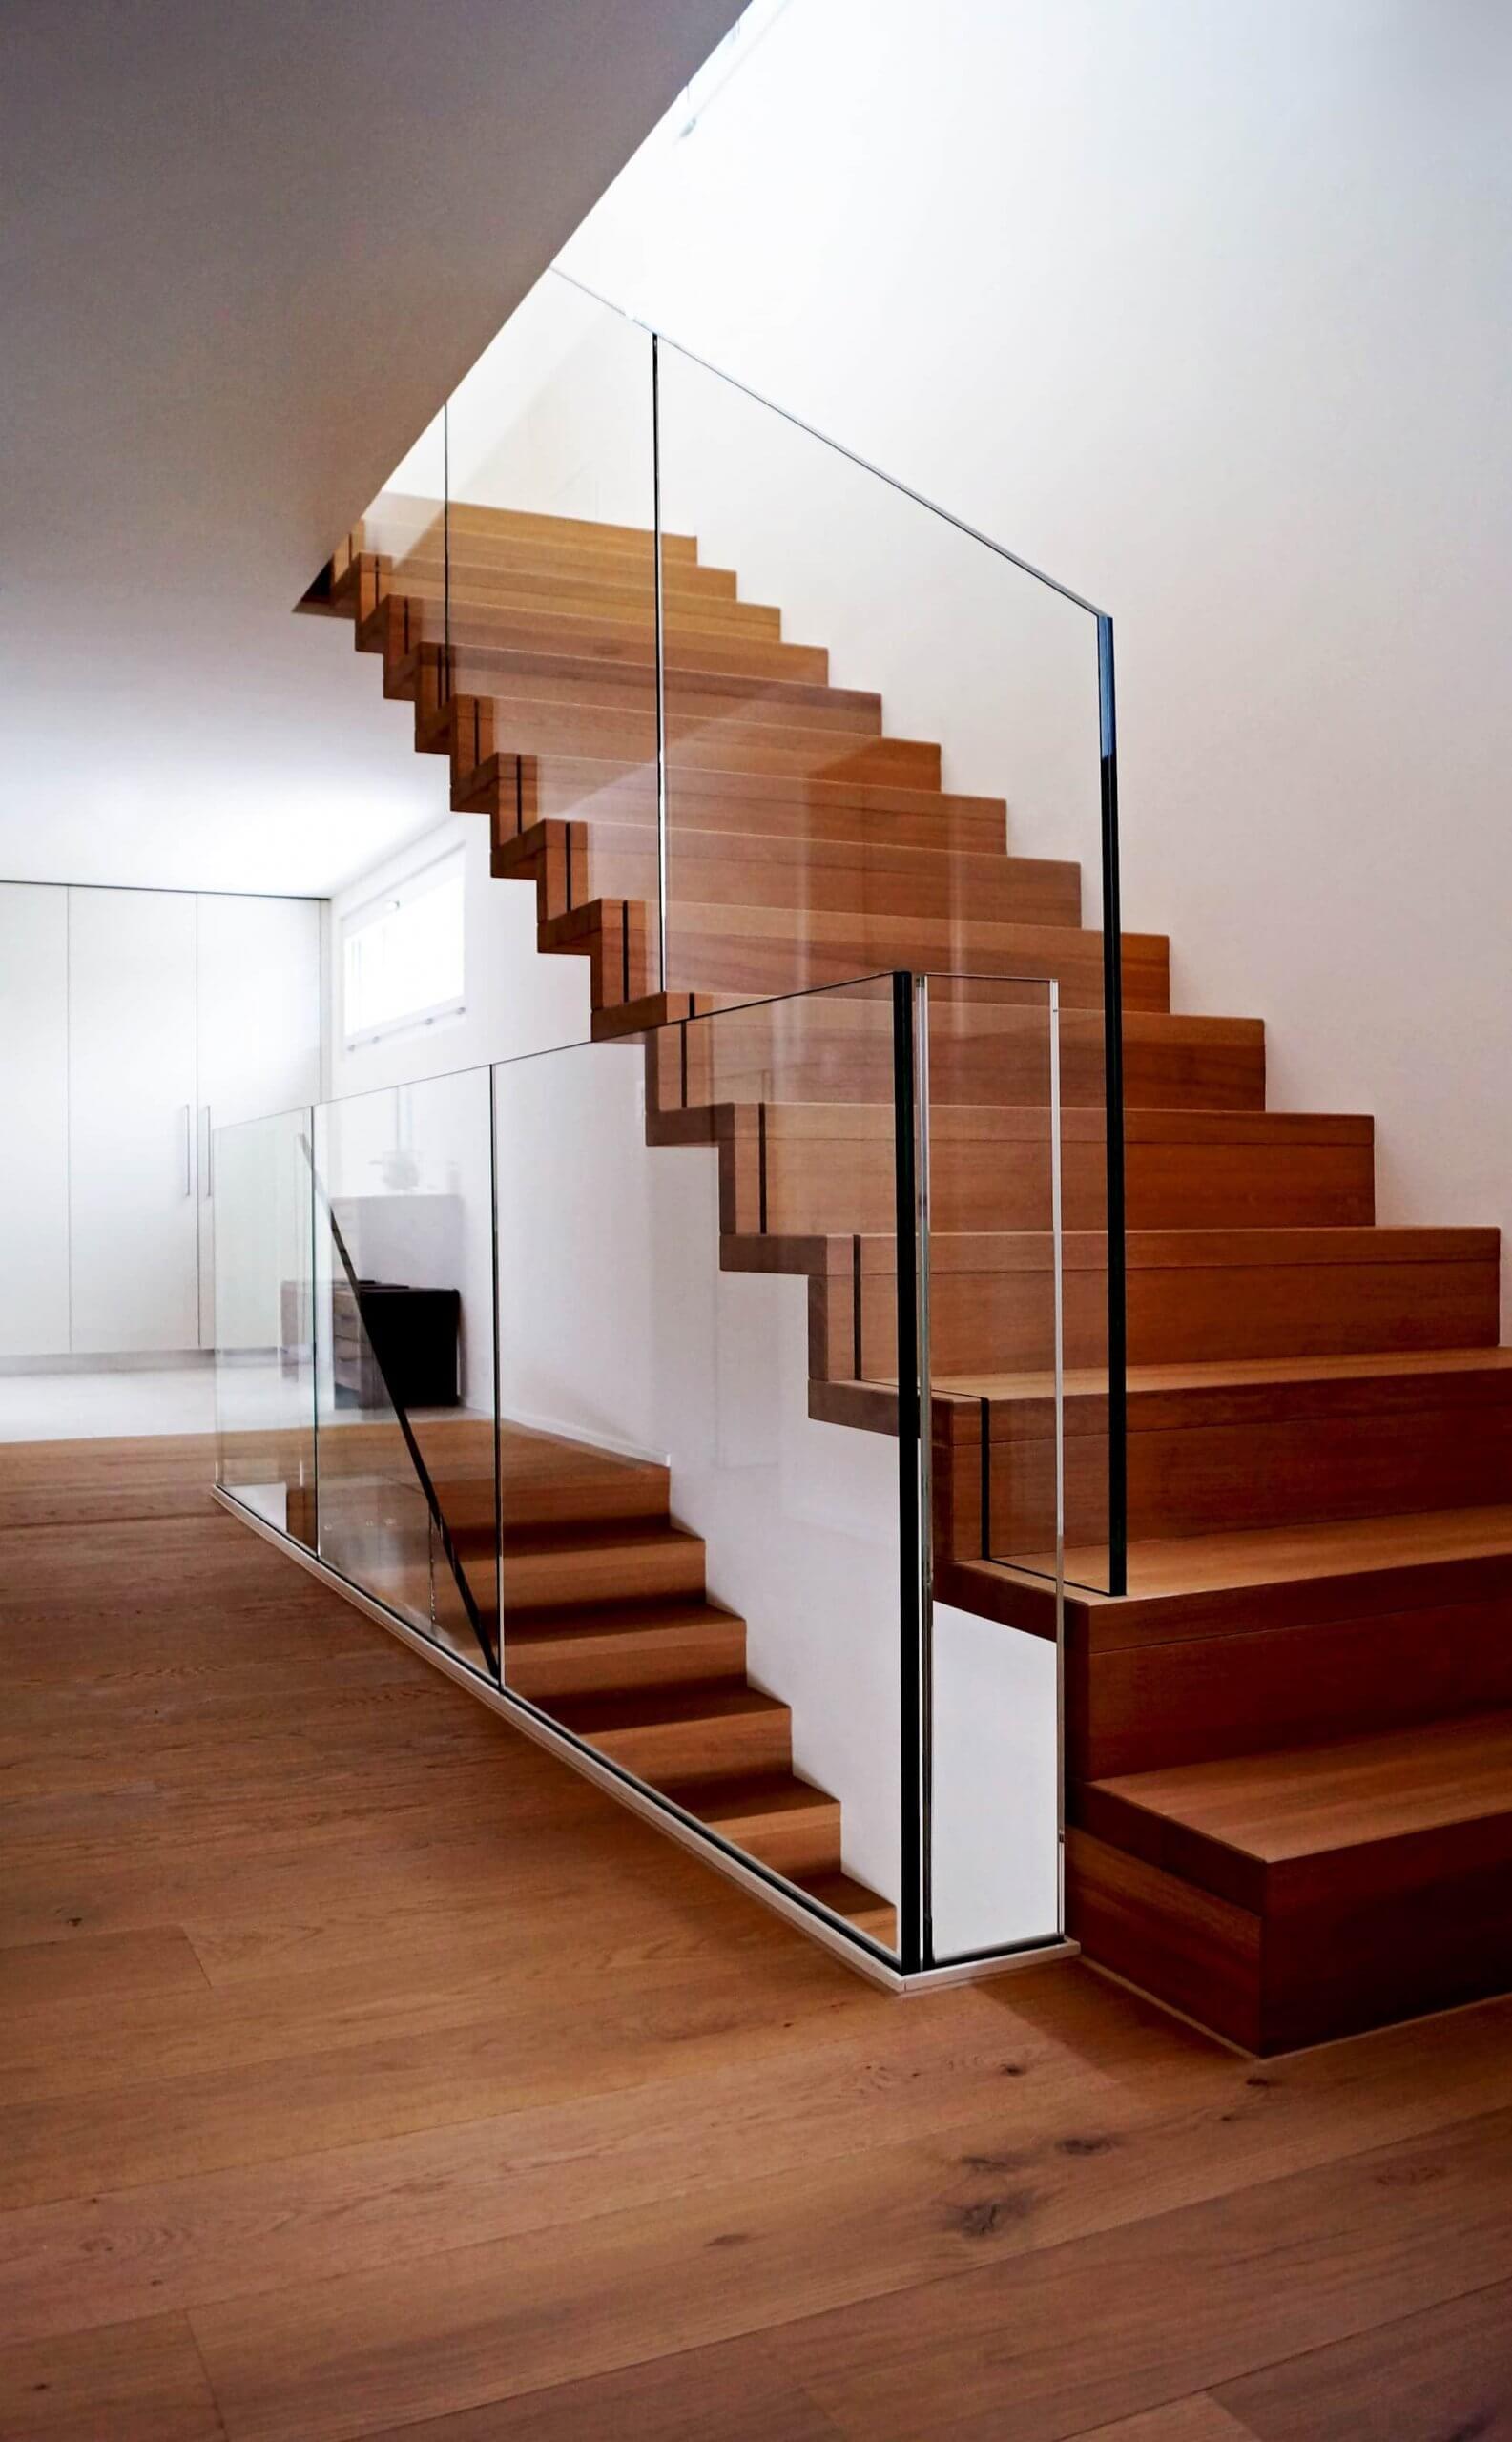 ev merdiveni